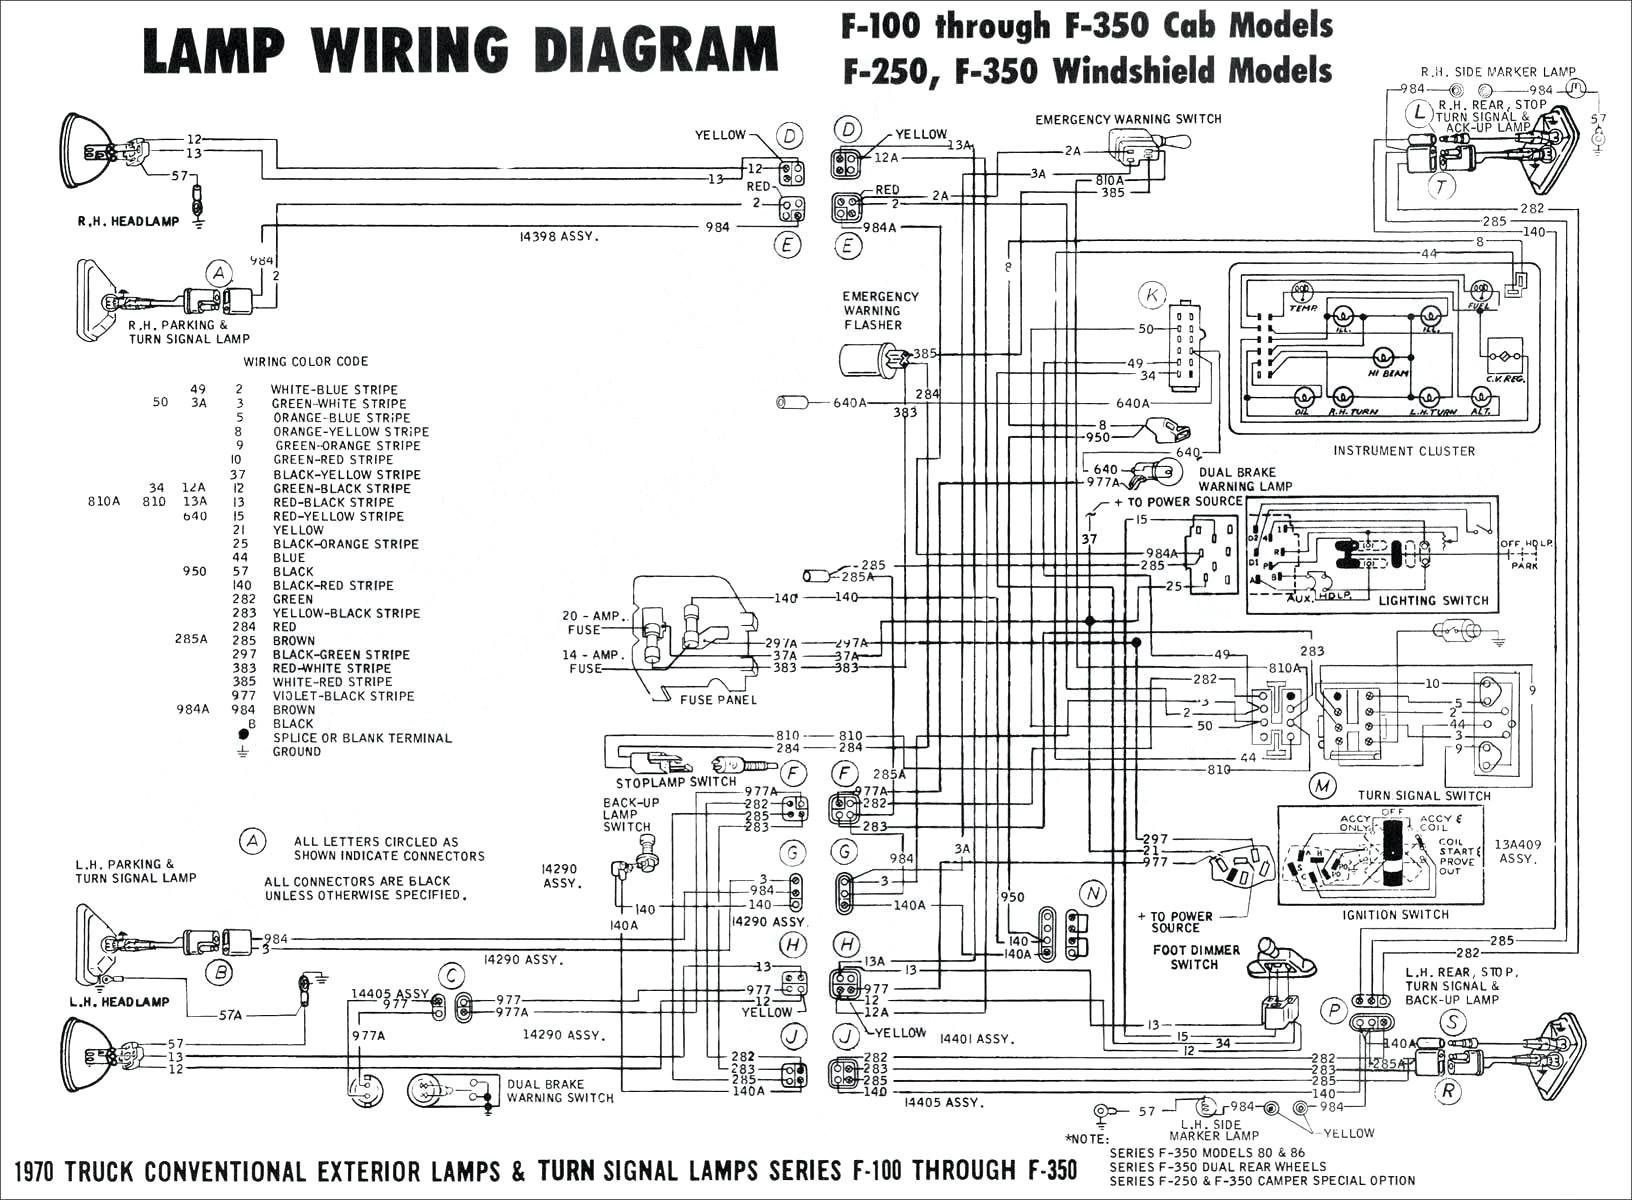 ... electric choke wiring diagram 87 f350 diy enthusiasts wiring rh  okdrywall co 87 f350 radio wiring